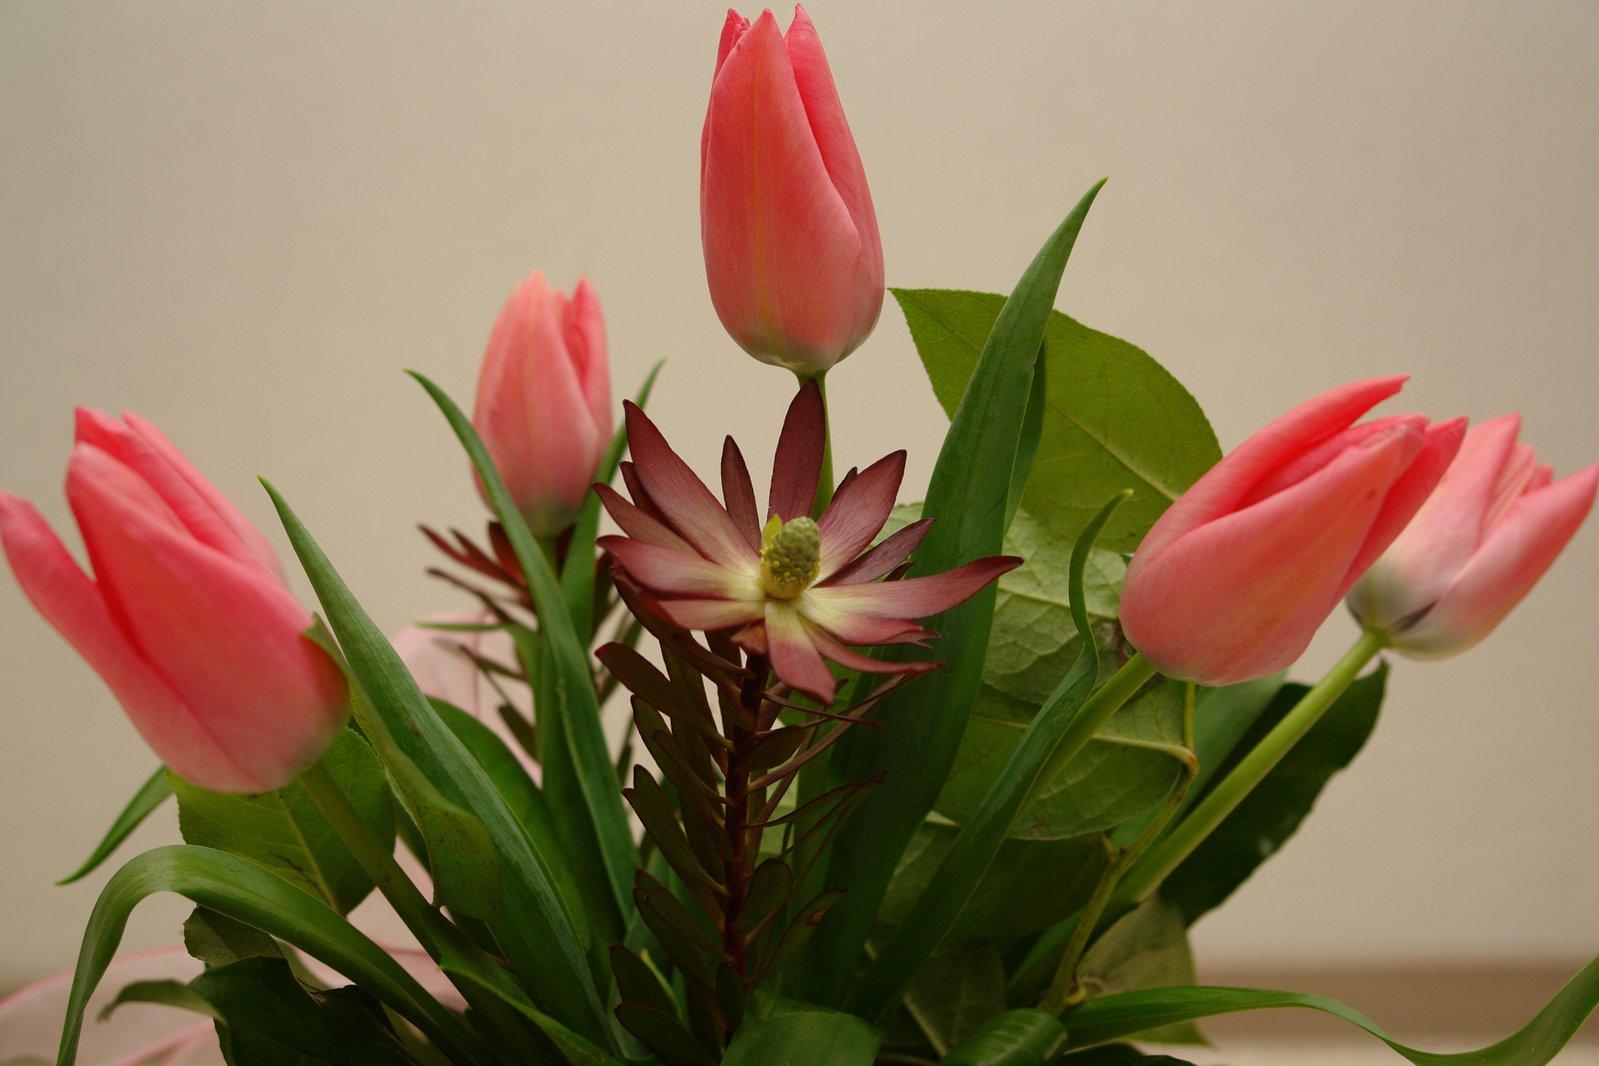 International flower deliveries